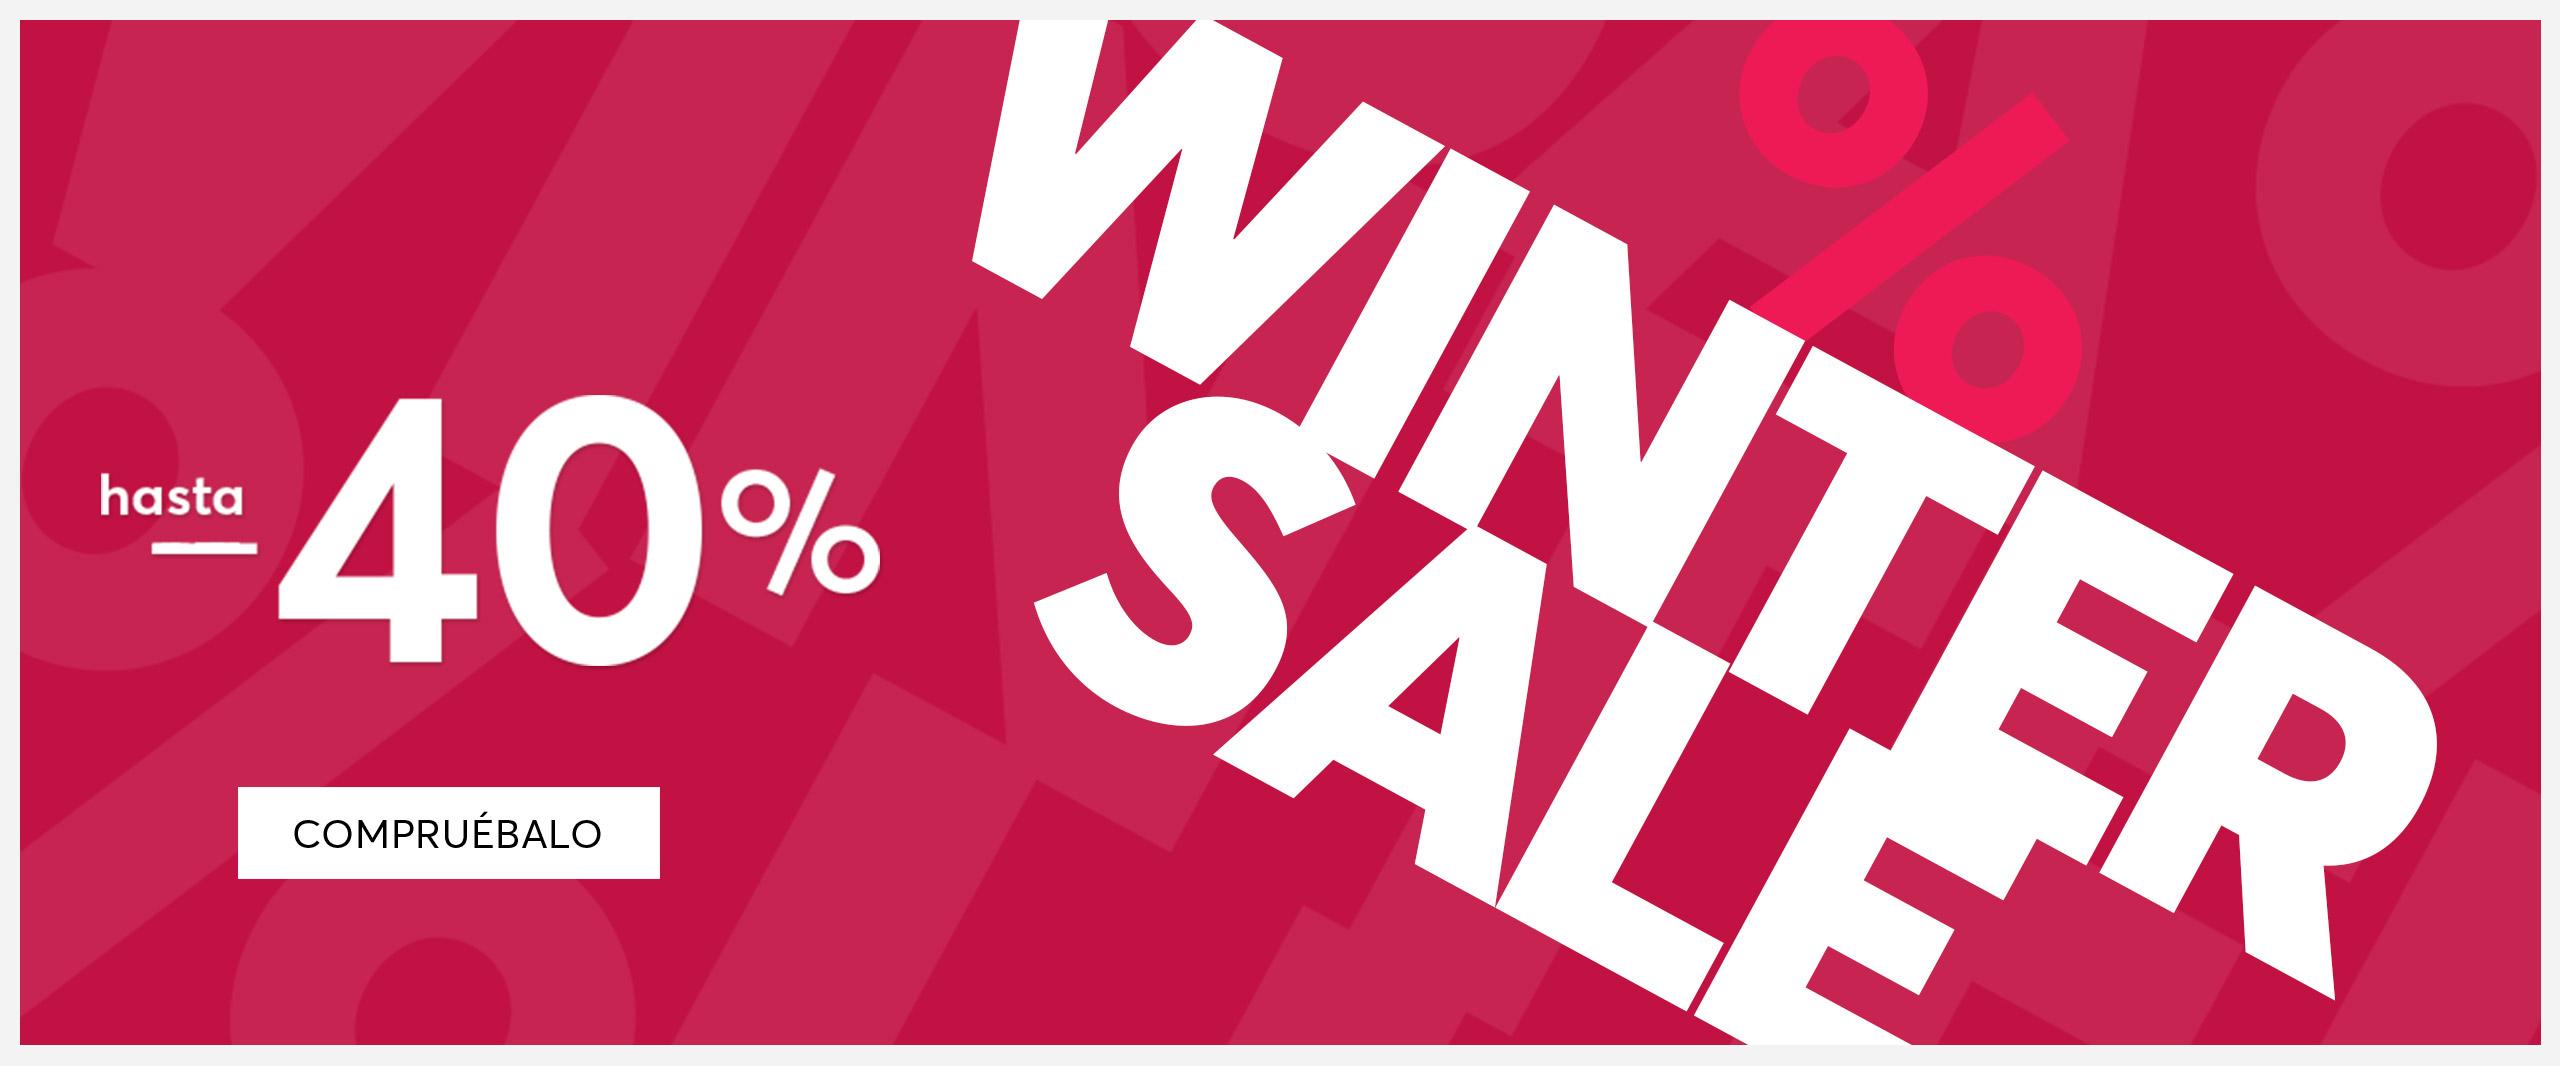 WINTER SALE -40% Y Oferta del dia hasta -30% + Suscríbete a nuestro Boletín de noticias Recibe 10 euros*